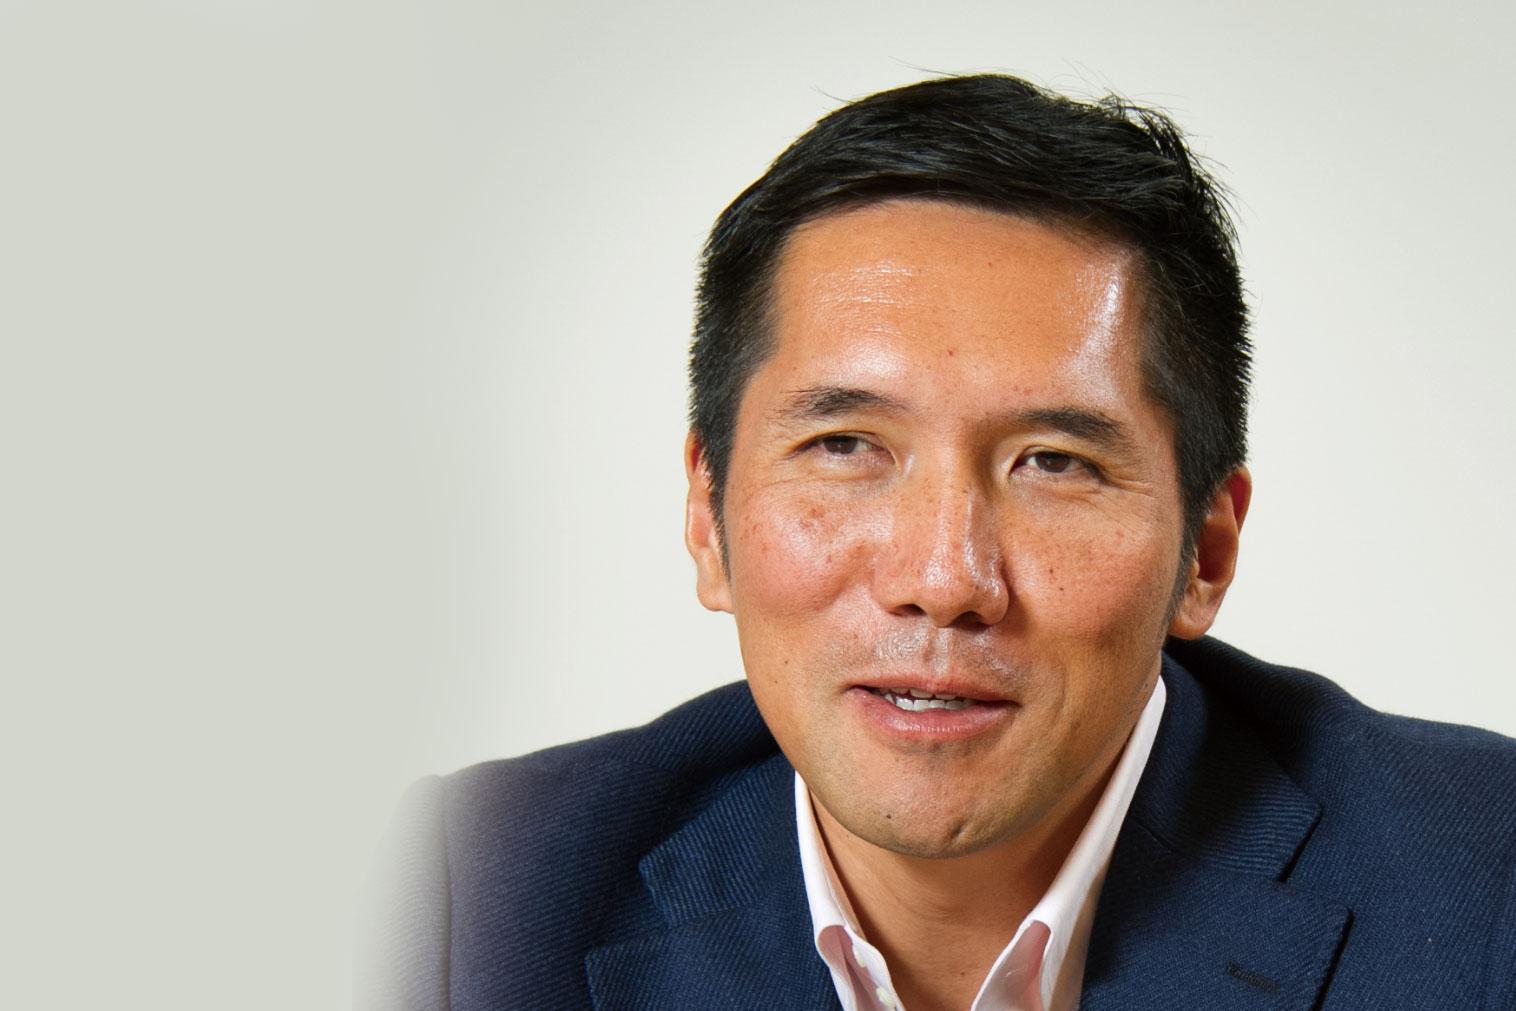 株式会社ゴルフダイジェスト・オンライン 石坂信也社長 記事サムネイル画像